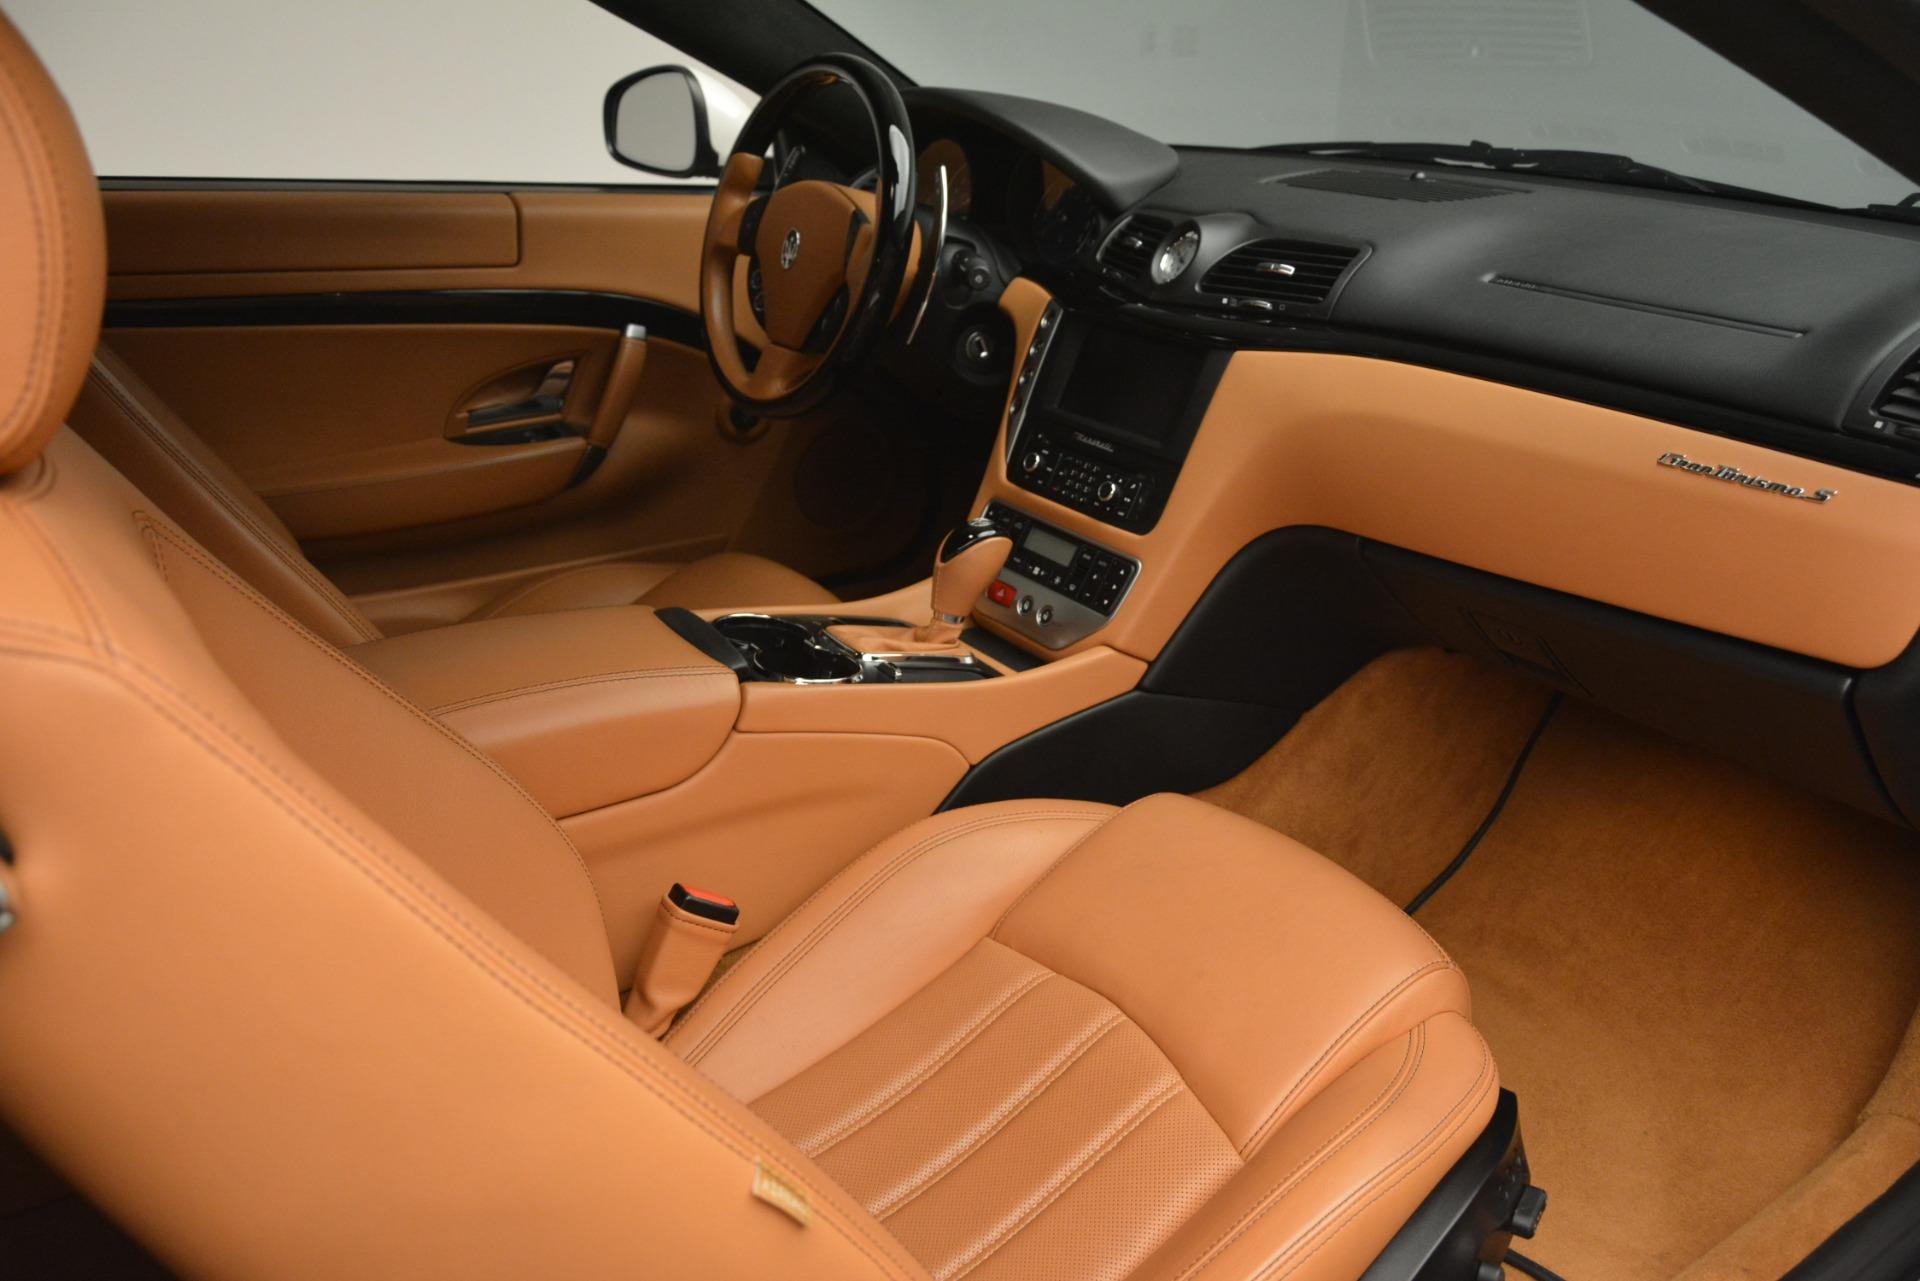 Used 2011 Maserati GranTurismo S Automatic For Sale In Greenwich, CT 3061_p16